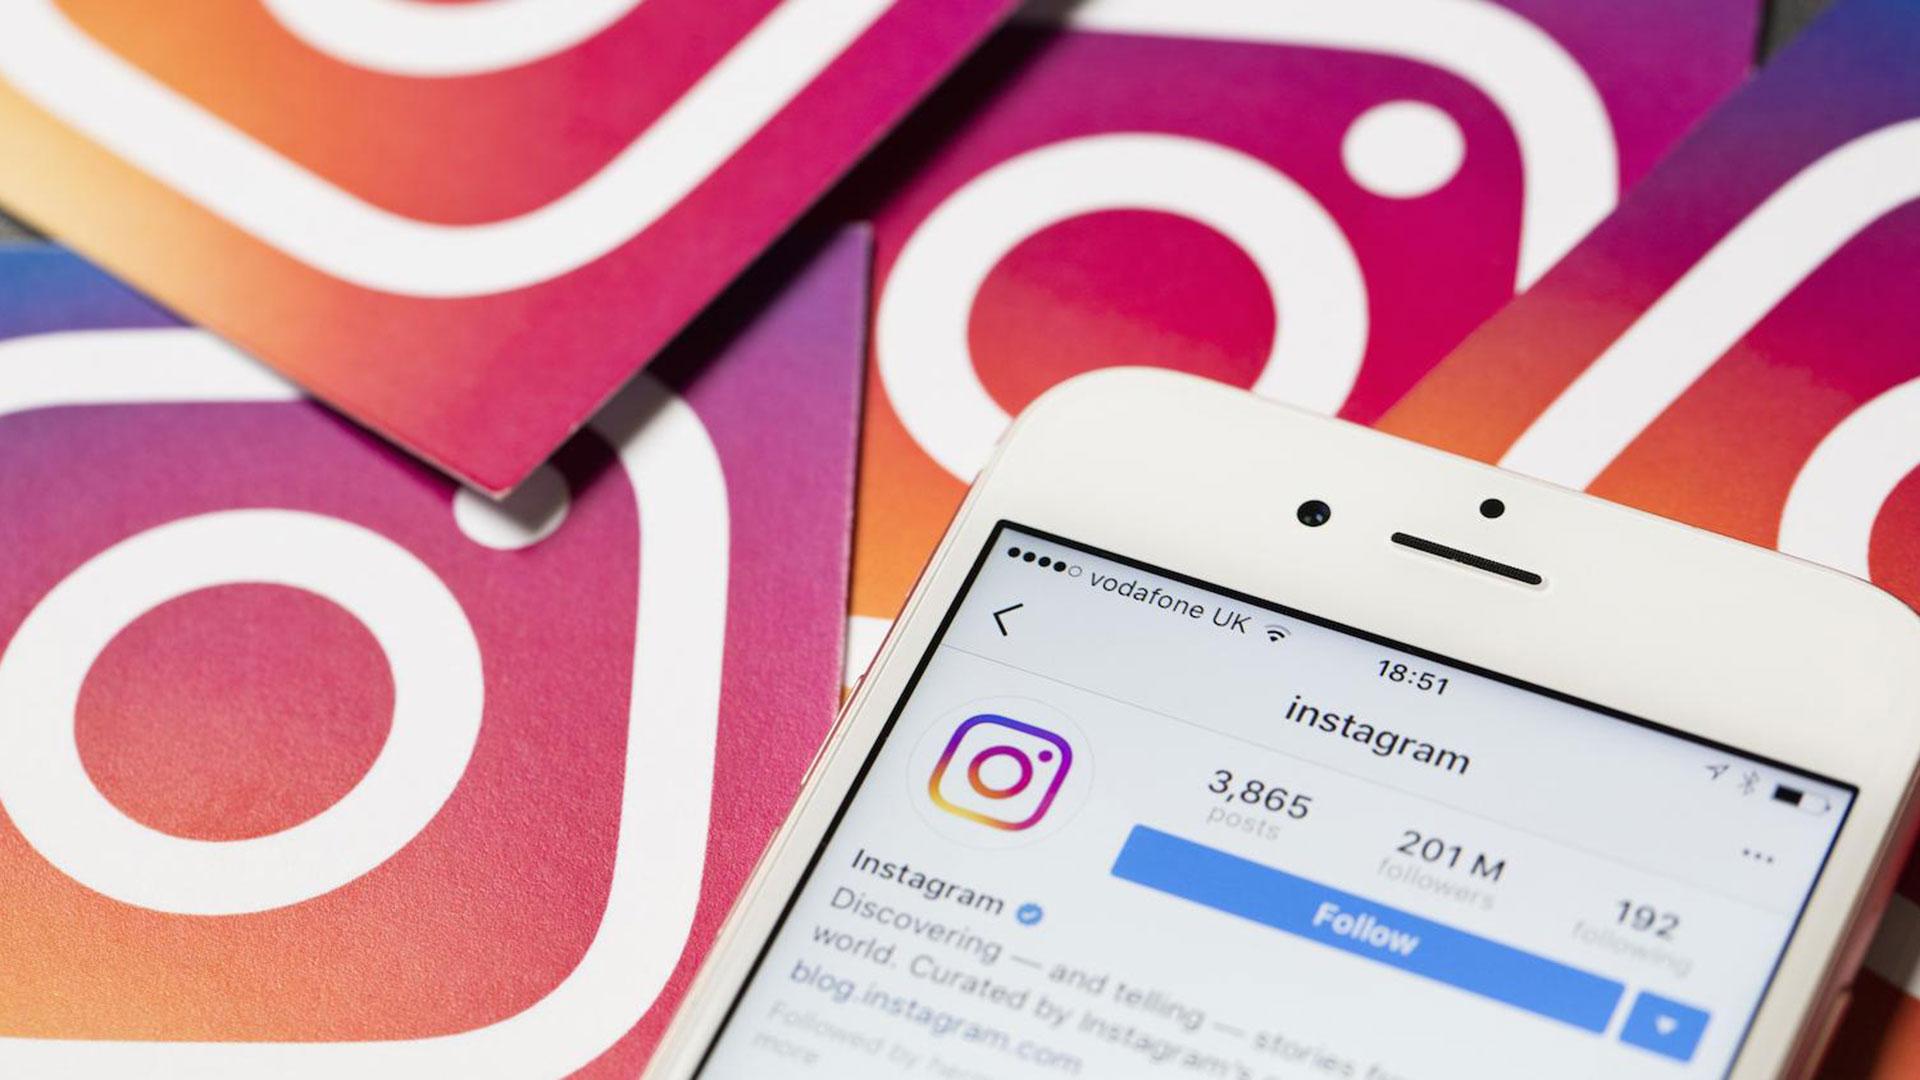 Instagram estrena Nametags para que sea más fácil seguir a amigos